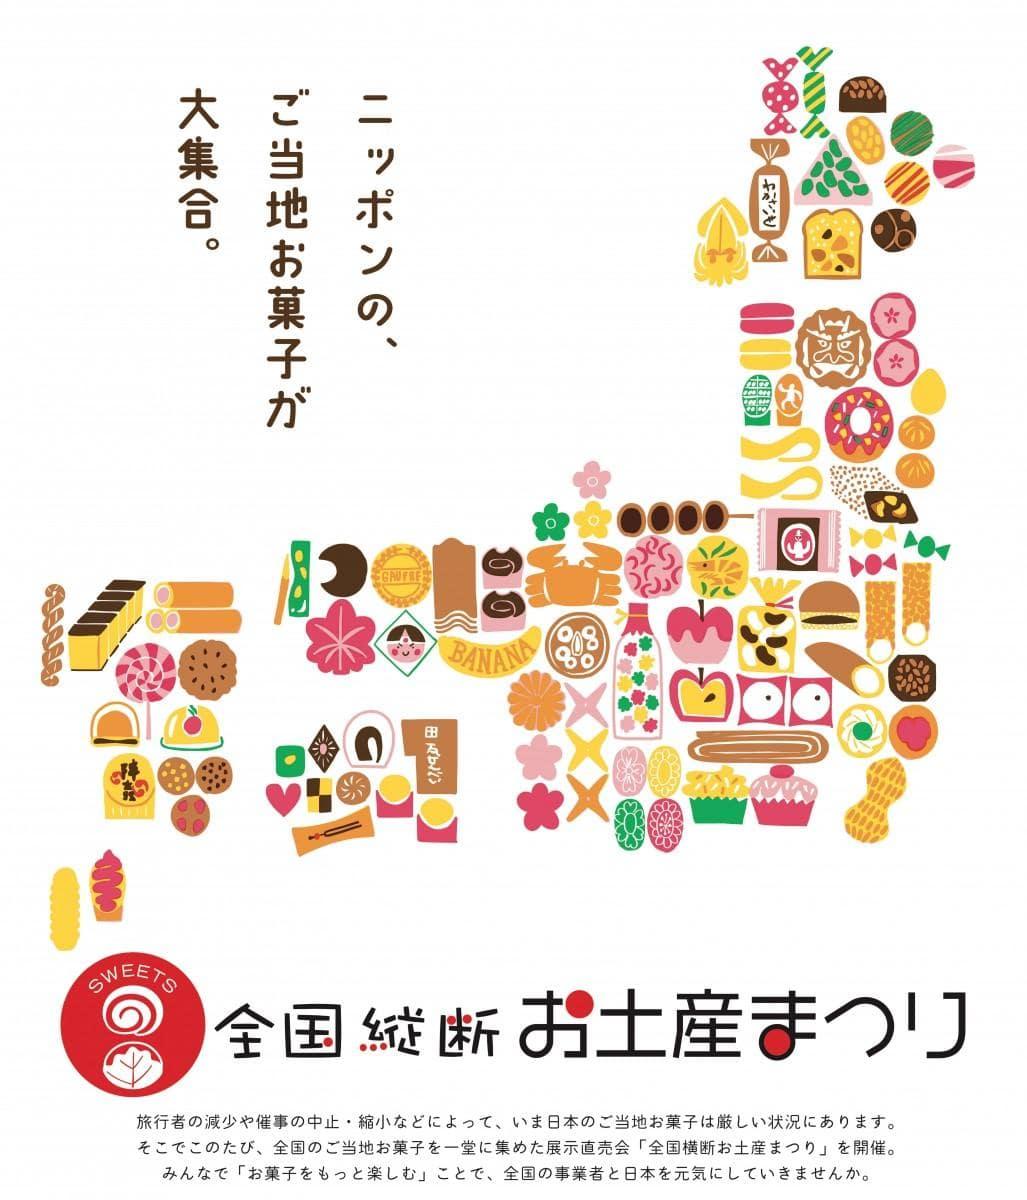 広島からスタートする「全国縦断お土産まつり」ポスター画像。会場には、個人商店を含む全国の菓子約800種類がそろう